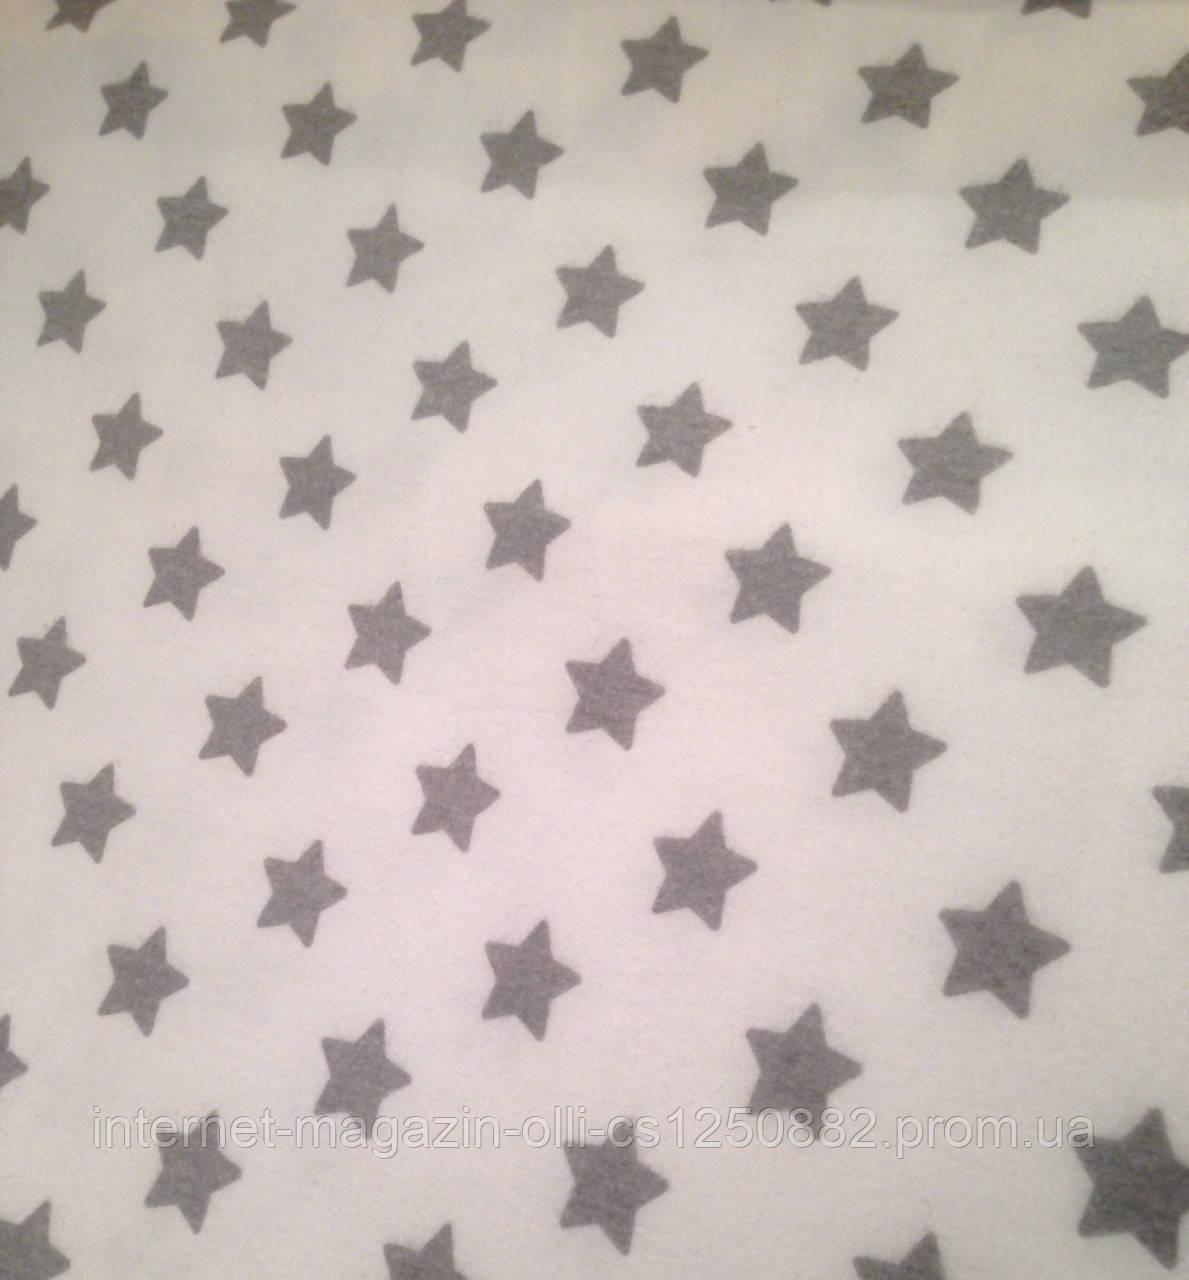 Фланель детская звезды крупные (пряники) серые на белом